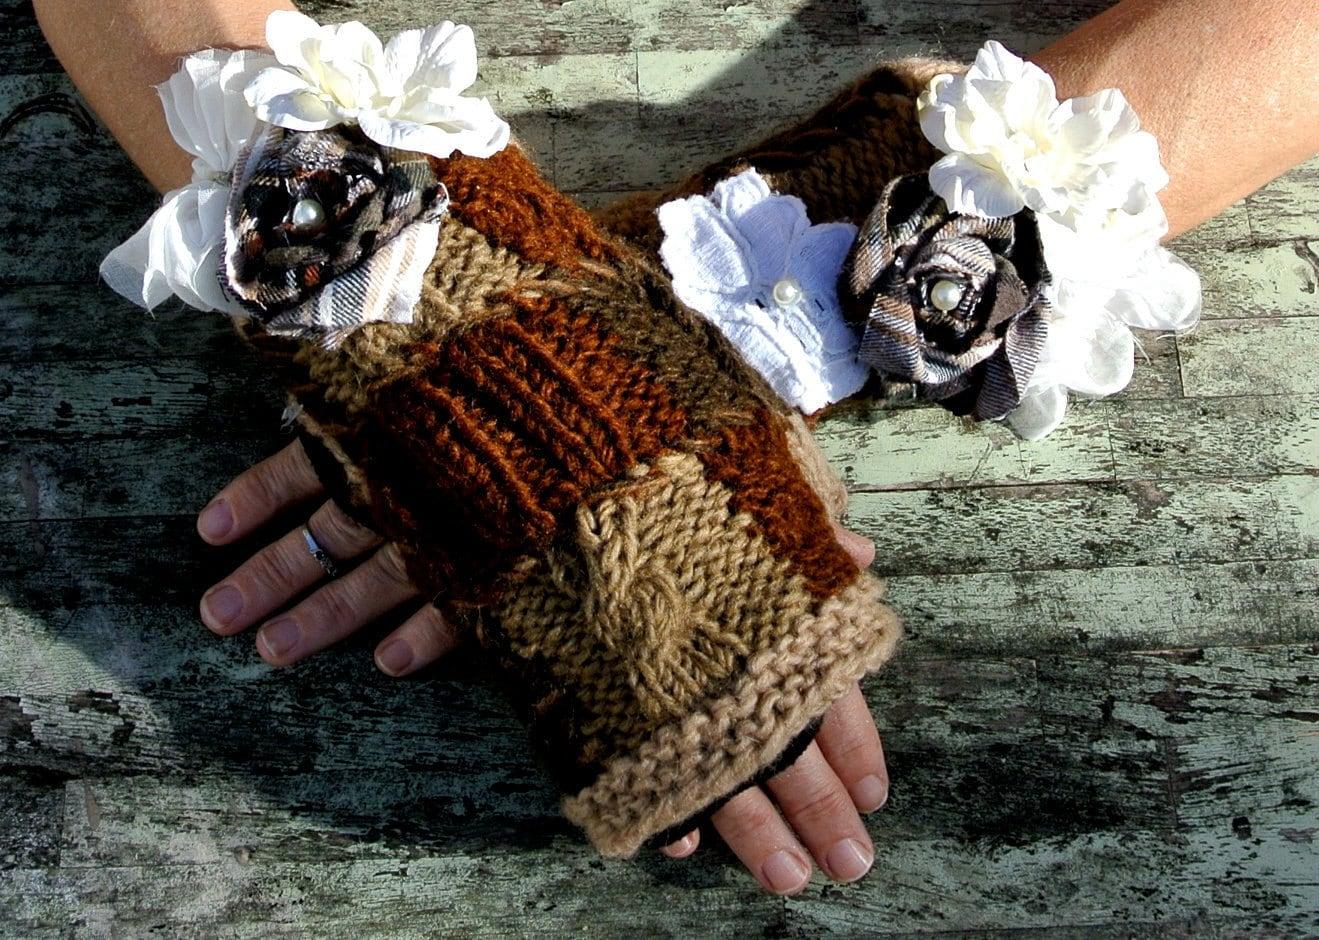 Цыганская Лесной Руки Подогреватели Веселые Pixie Fairy Лесная девушка Шоколад Браун деревенском ранчо носить ручной розетки